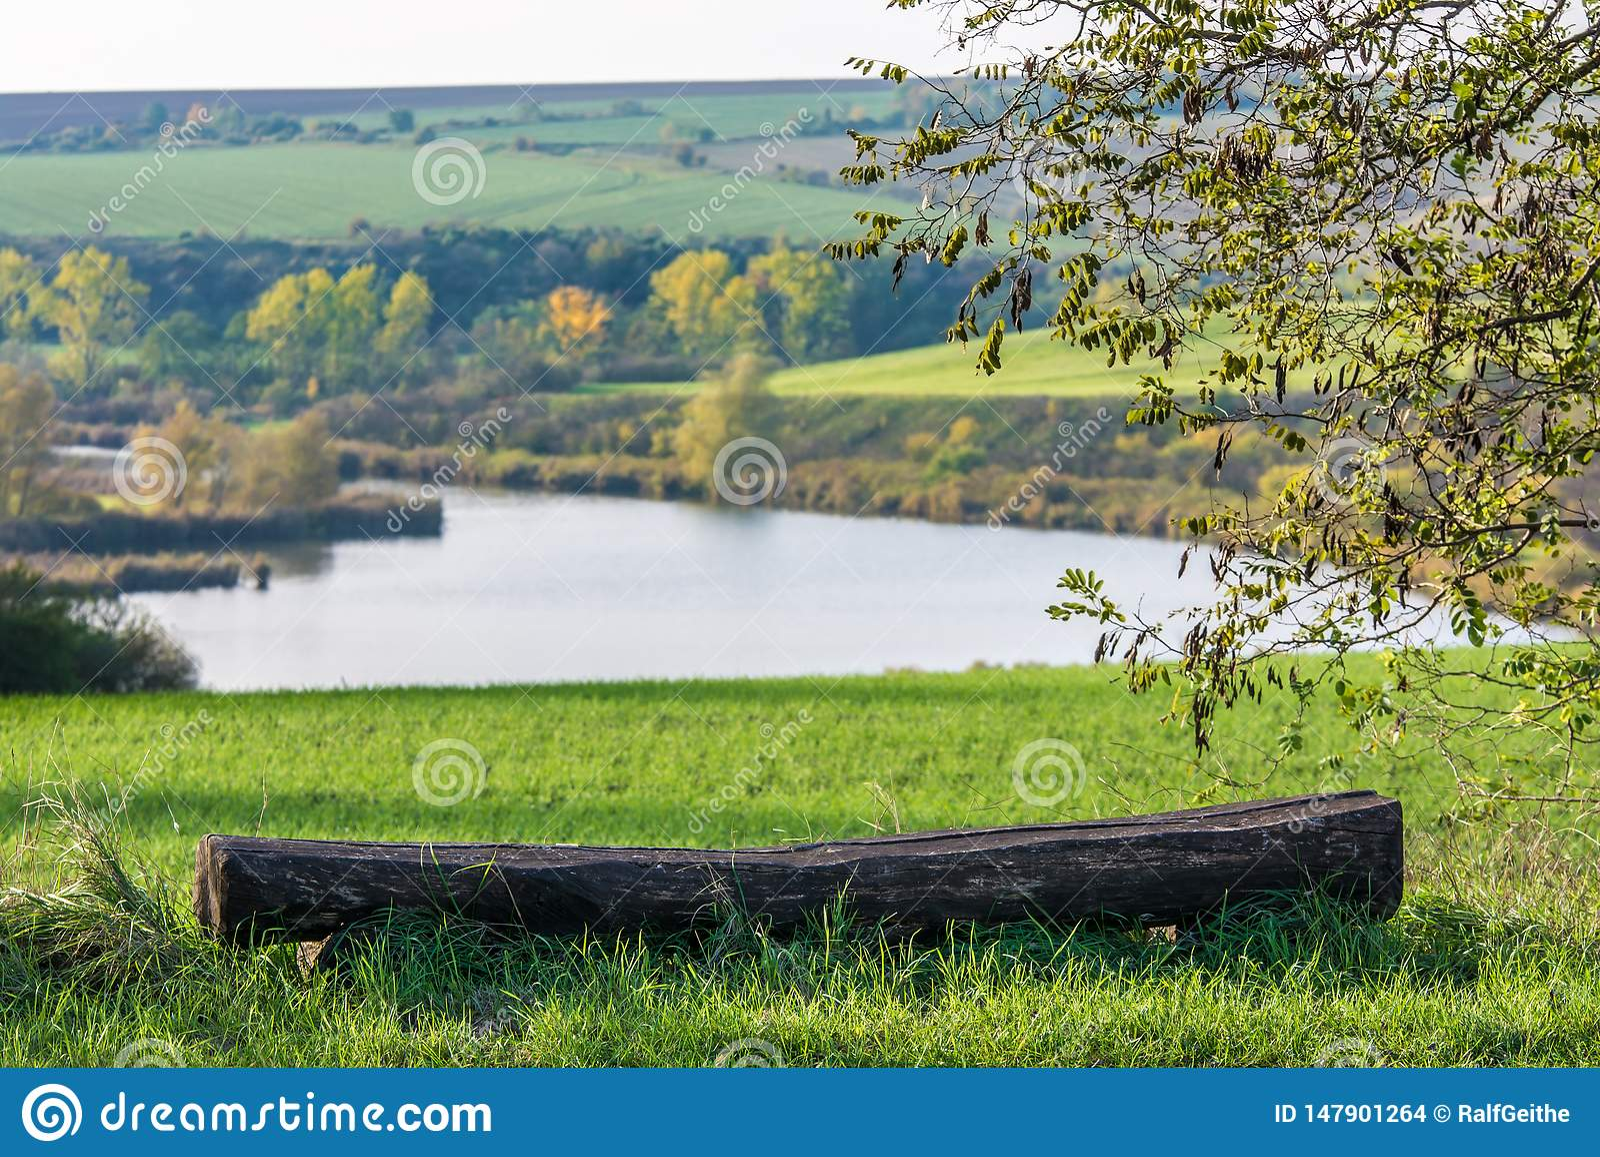 Banco velho na frente de uma paisagem montanhosa bonita com lago